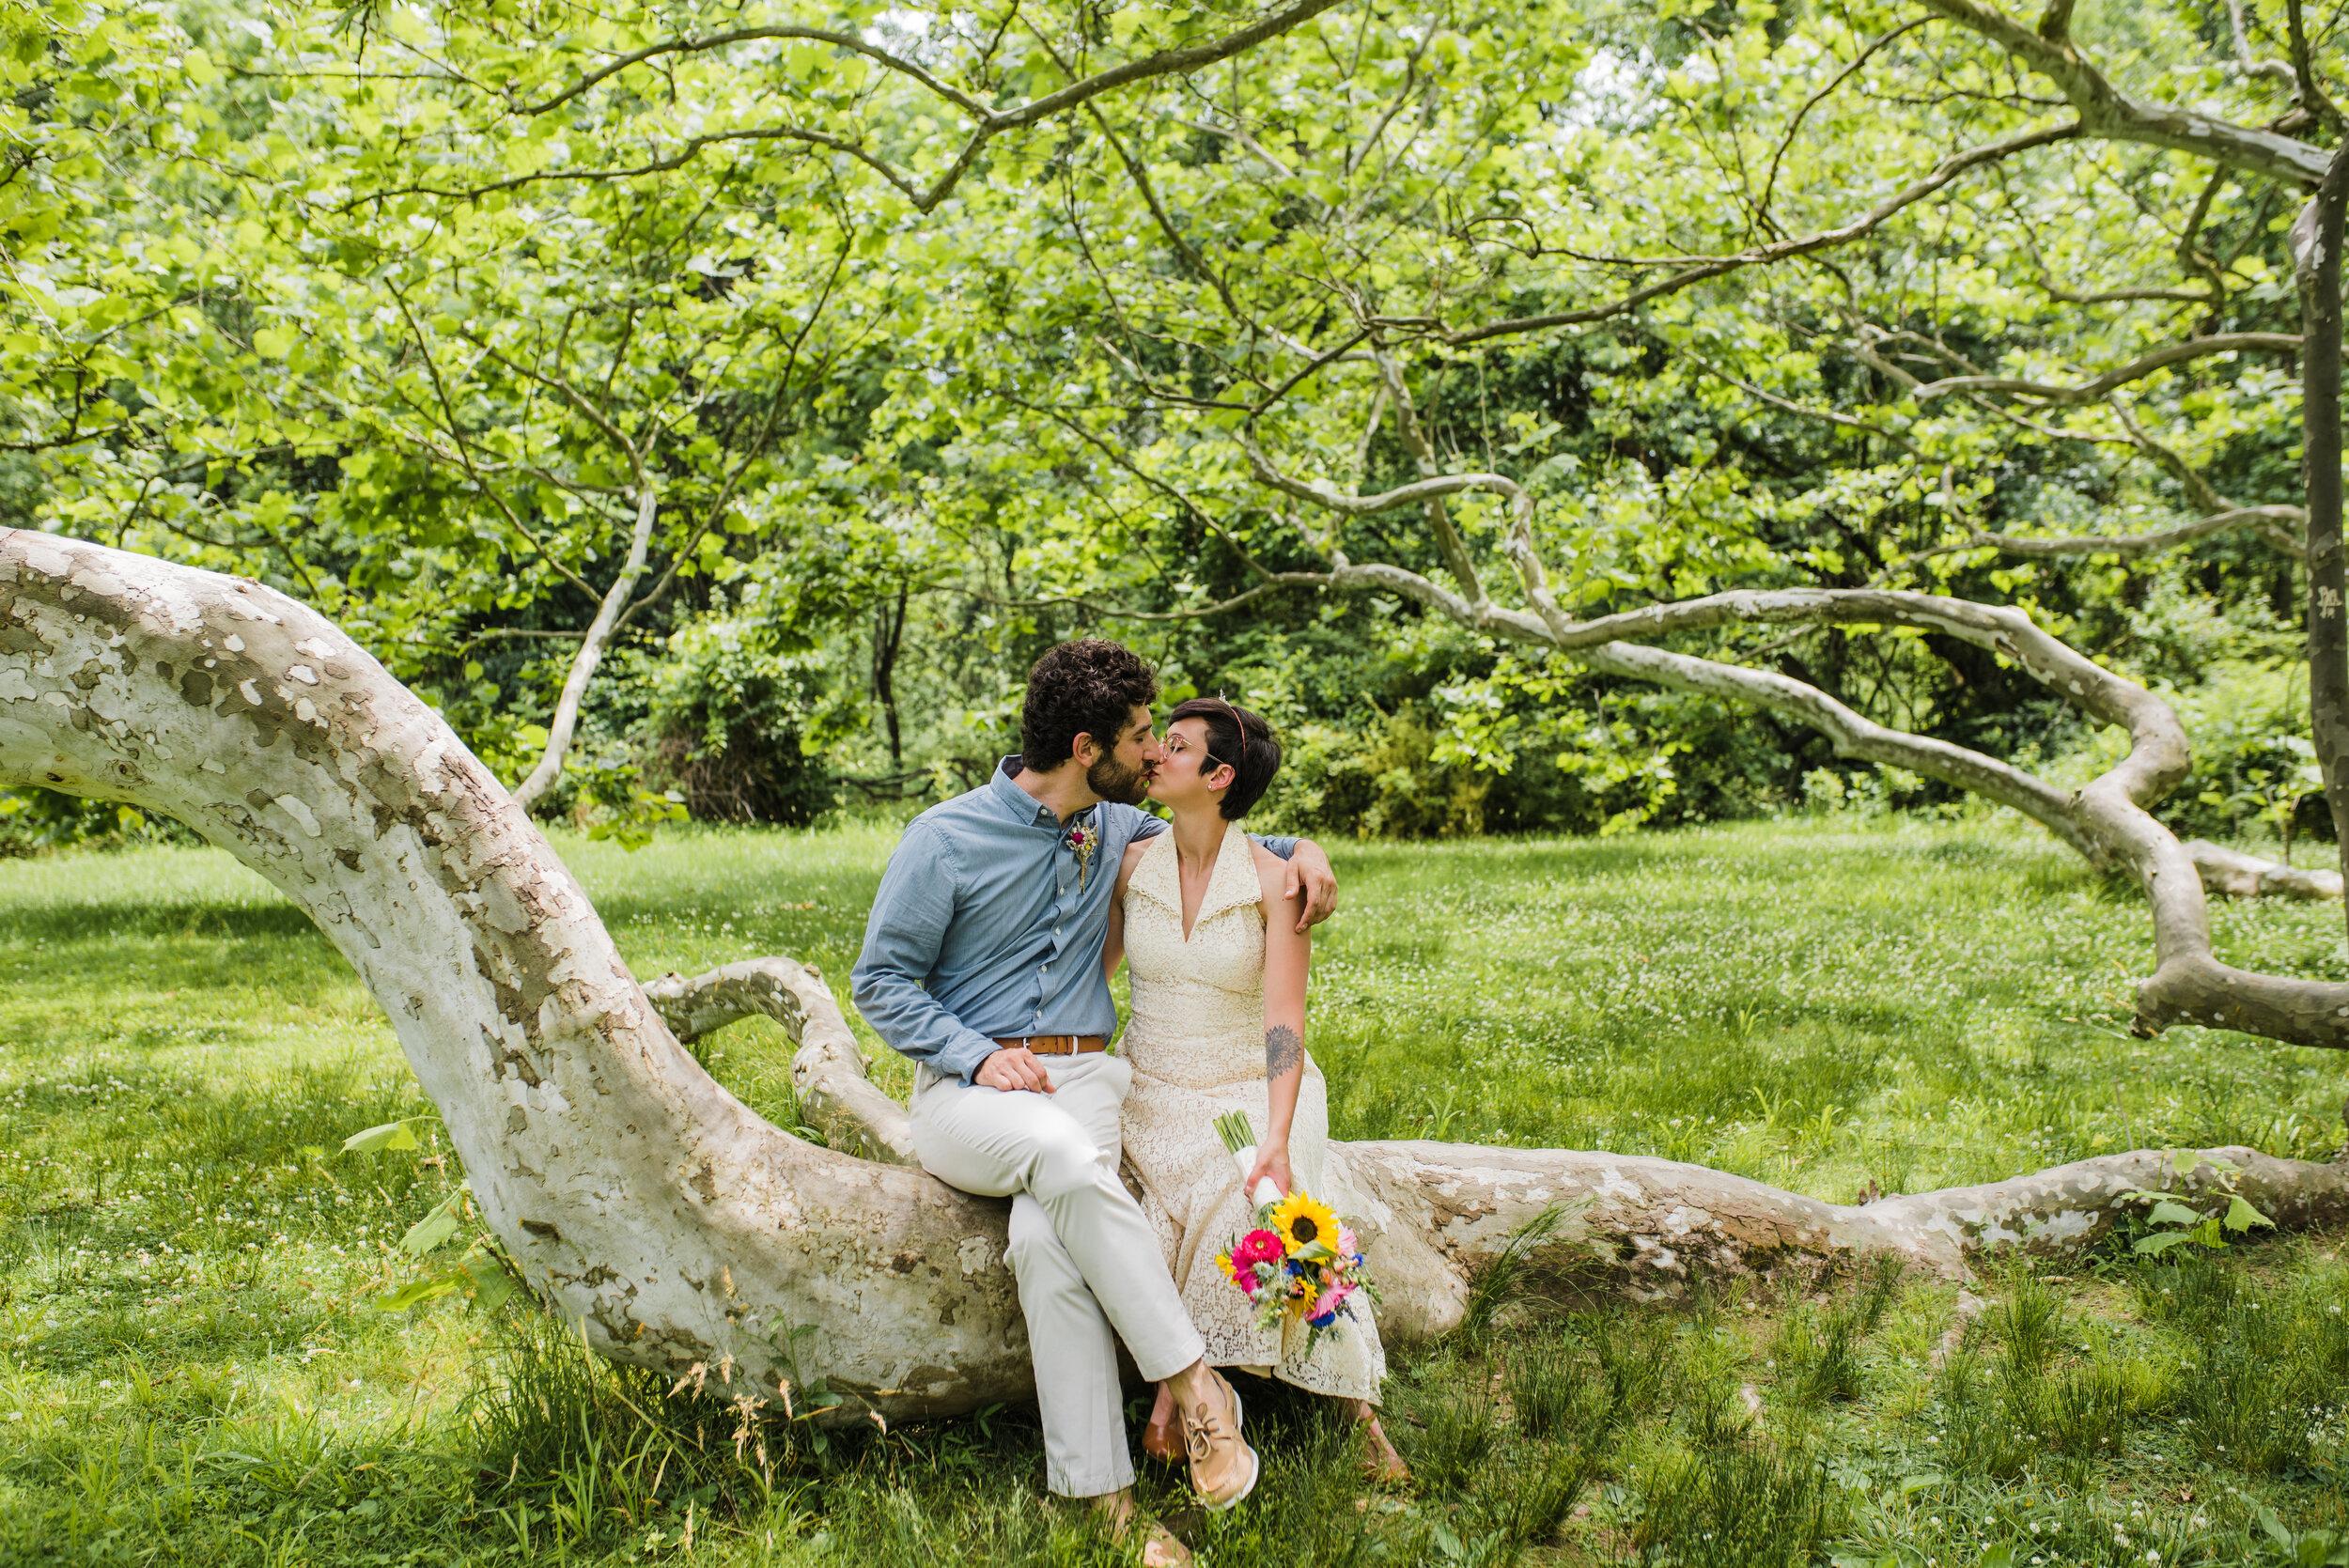 Wedding couple sitting on a large tree.